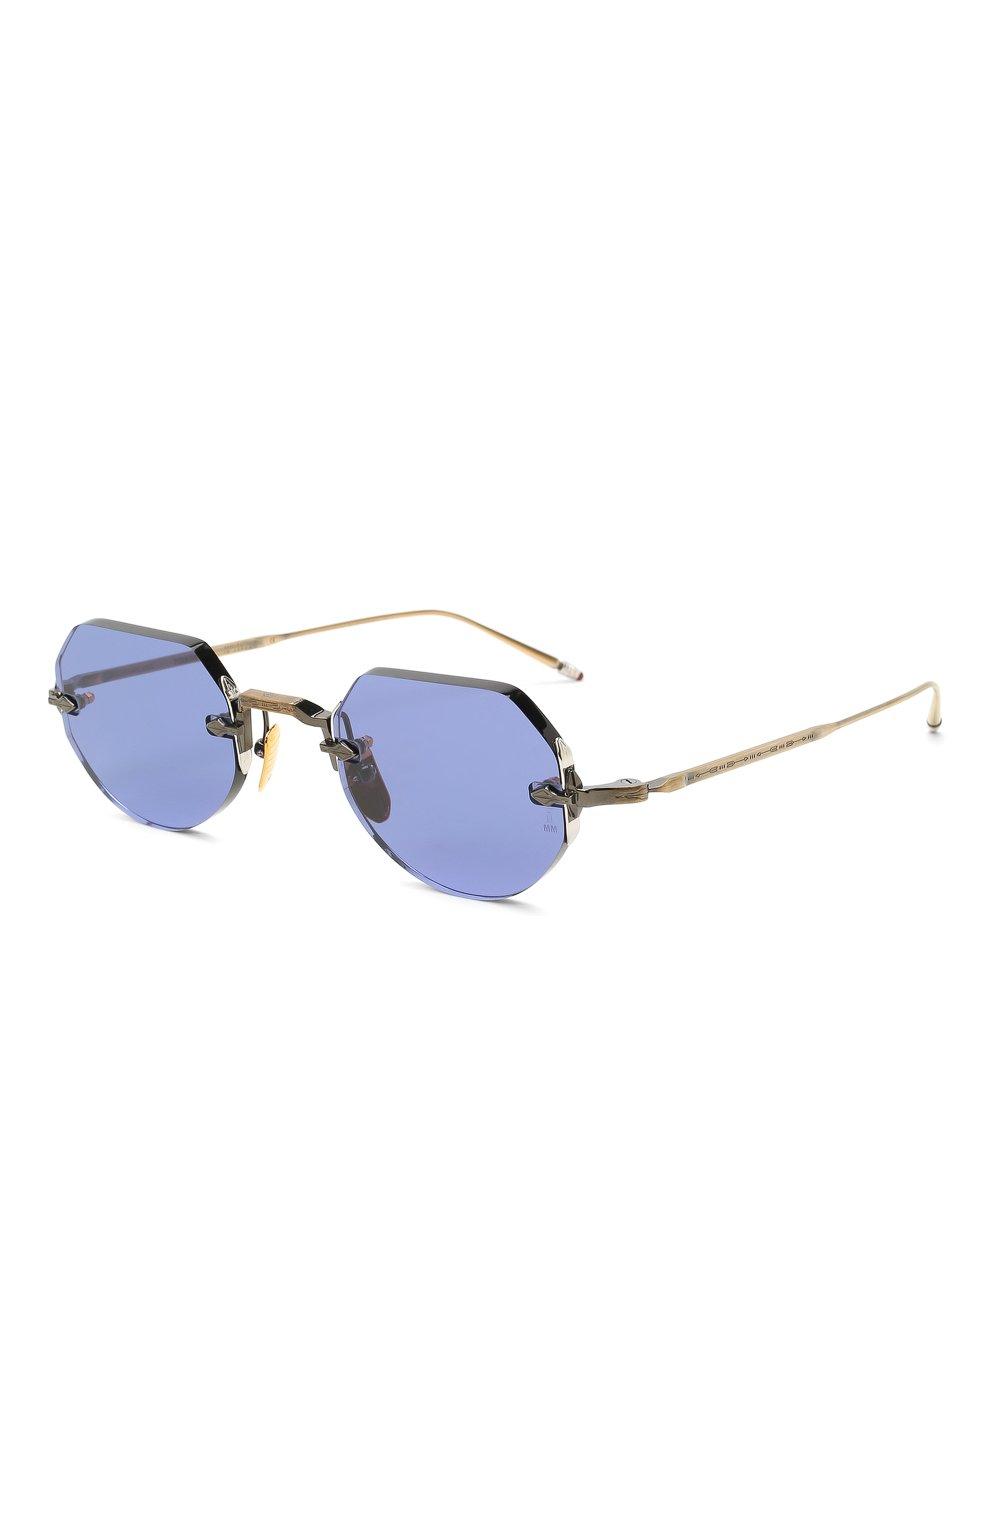 Женские солнцезащитные очки JACQUES MARIE MAGE синего цвета, арт. C0DY JMMCY-47 (II)   Фото 1 (Тип очков: С/з; Очки форма: Овальные, Круглые; Оптика Гендер: оптика-унисекс)